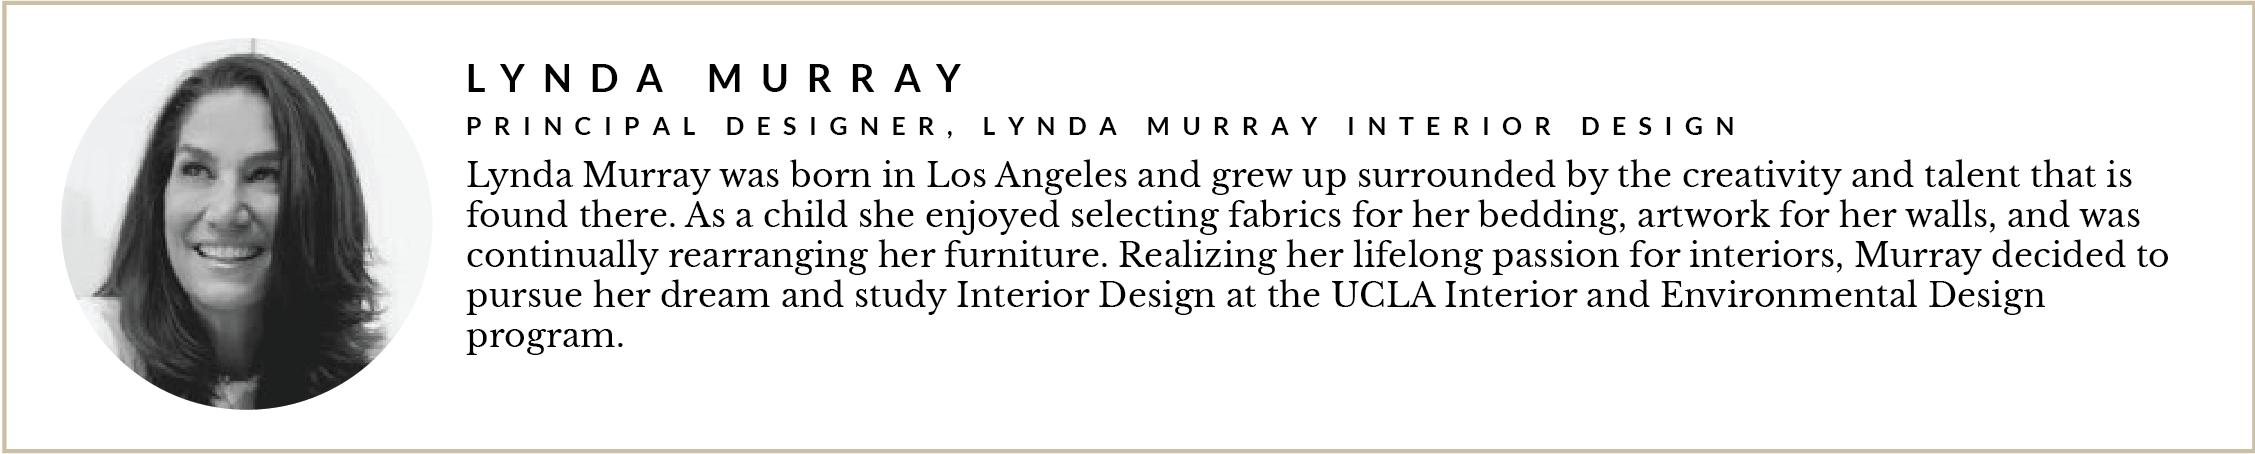 Lynda Murray Mentor 14 Entity